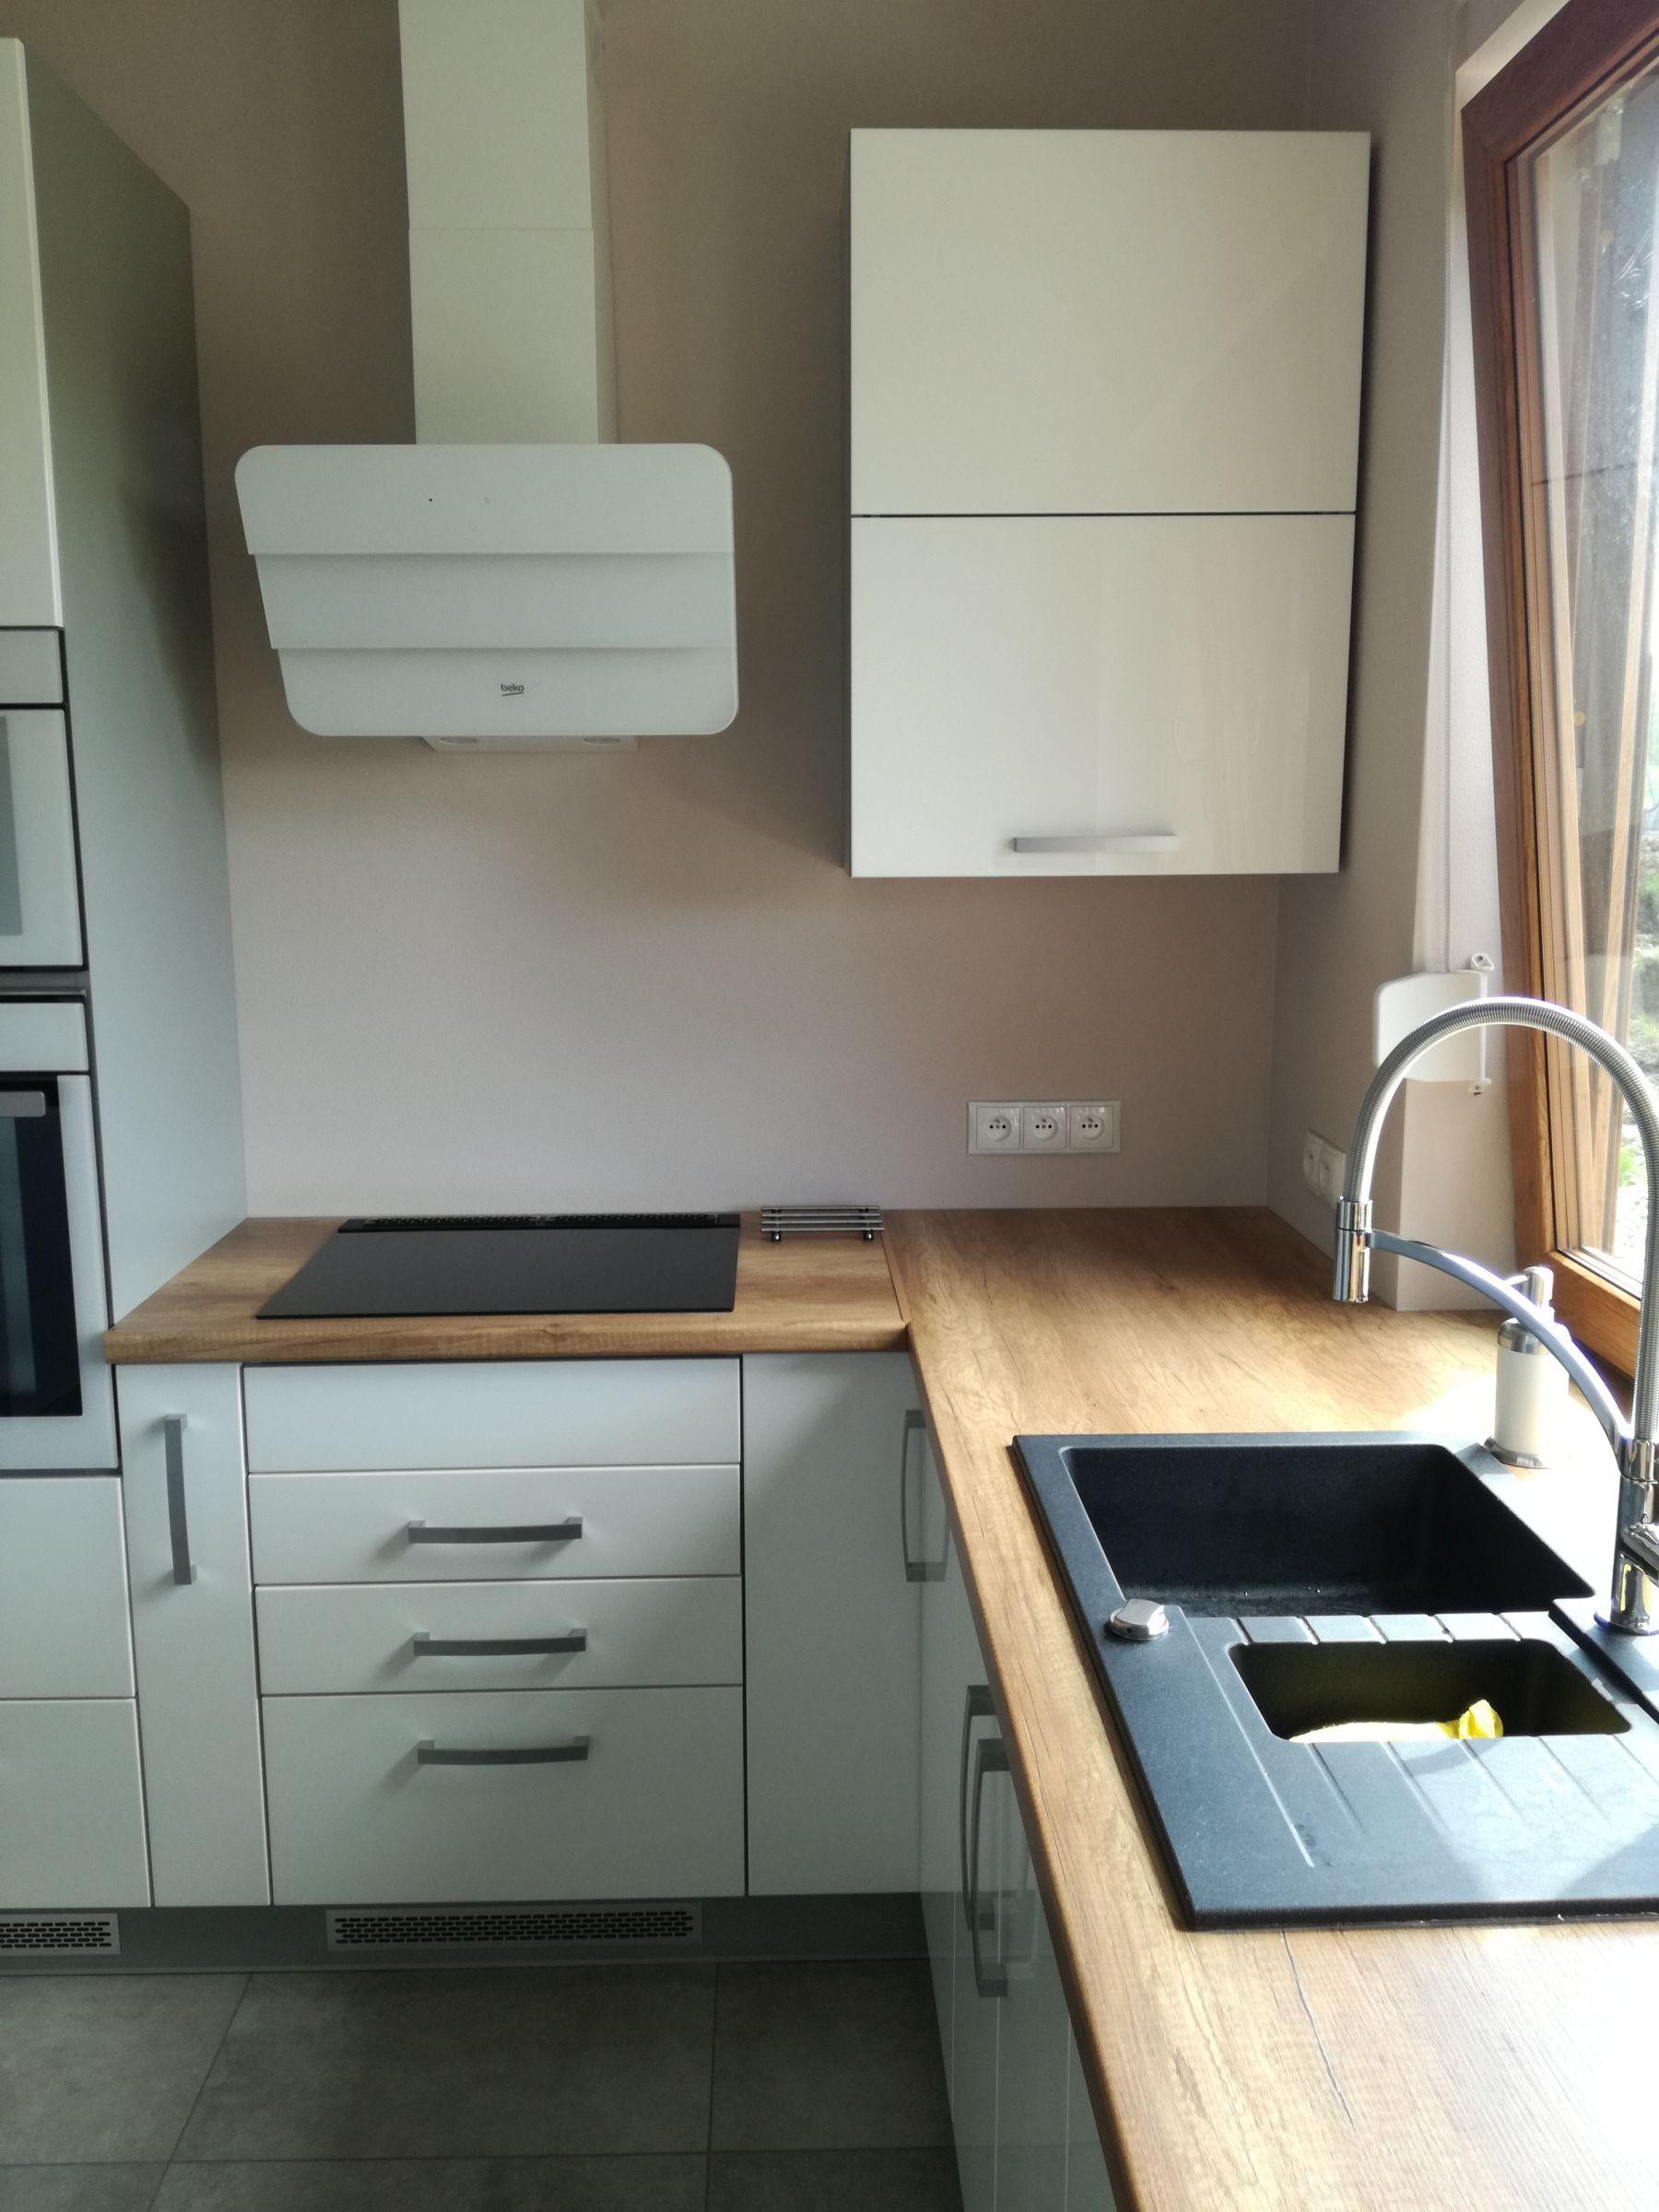 Mojabudowa Pl Wpis Kuchnia Gotowa Kitchen Cabinets Home Decor Kitchen